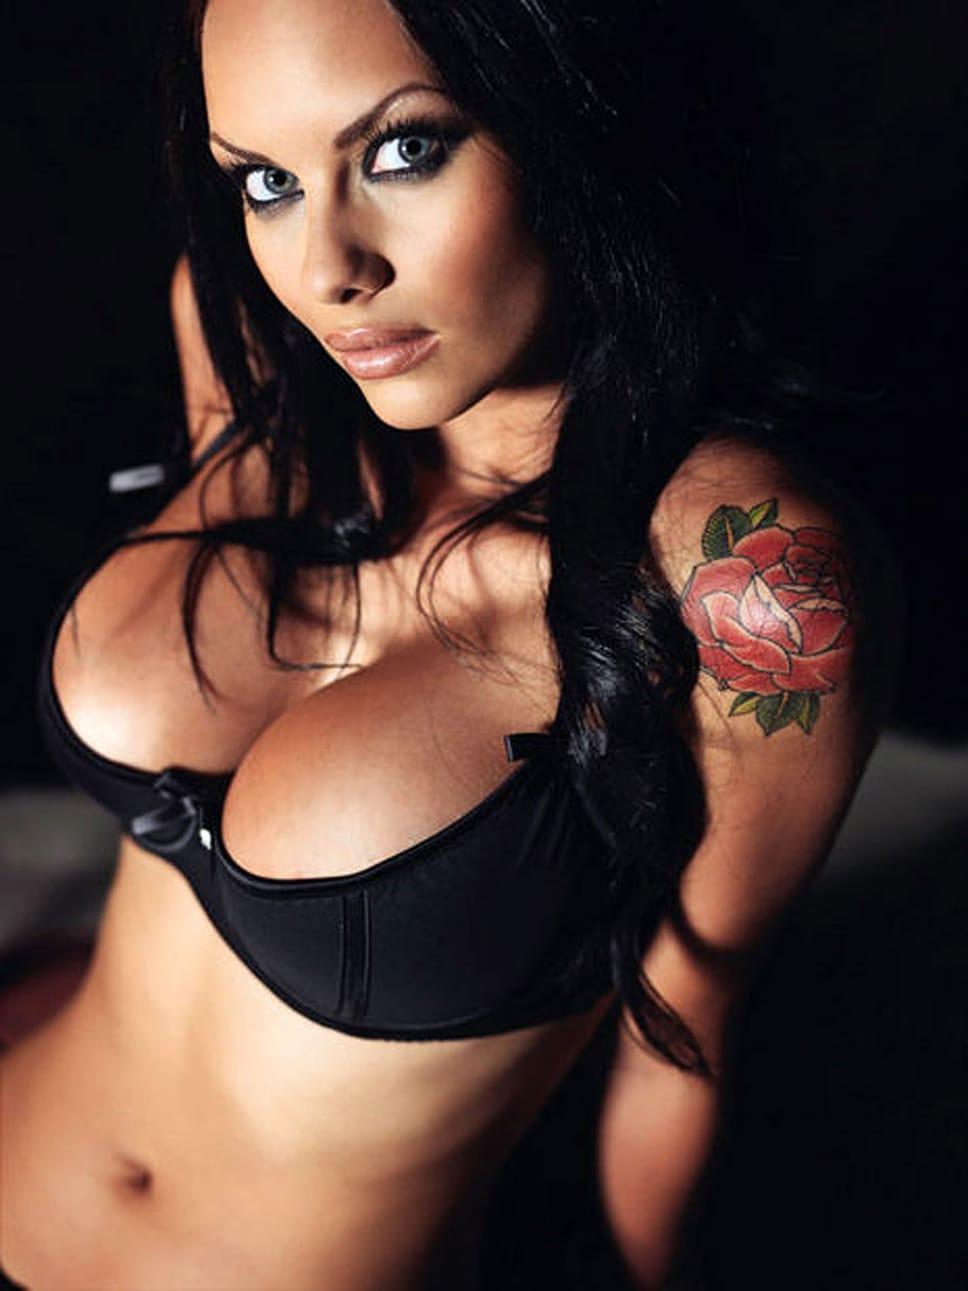 pornoaktrisa-s-tatuirovkoy-na-pleche